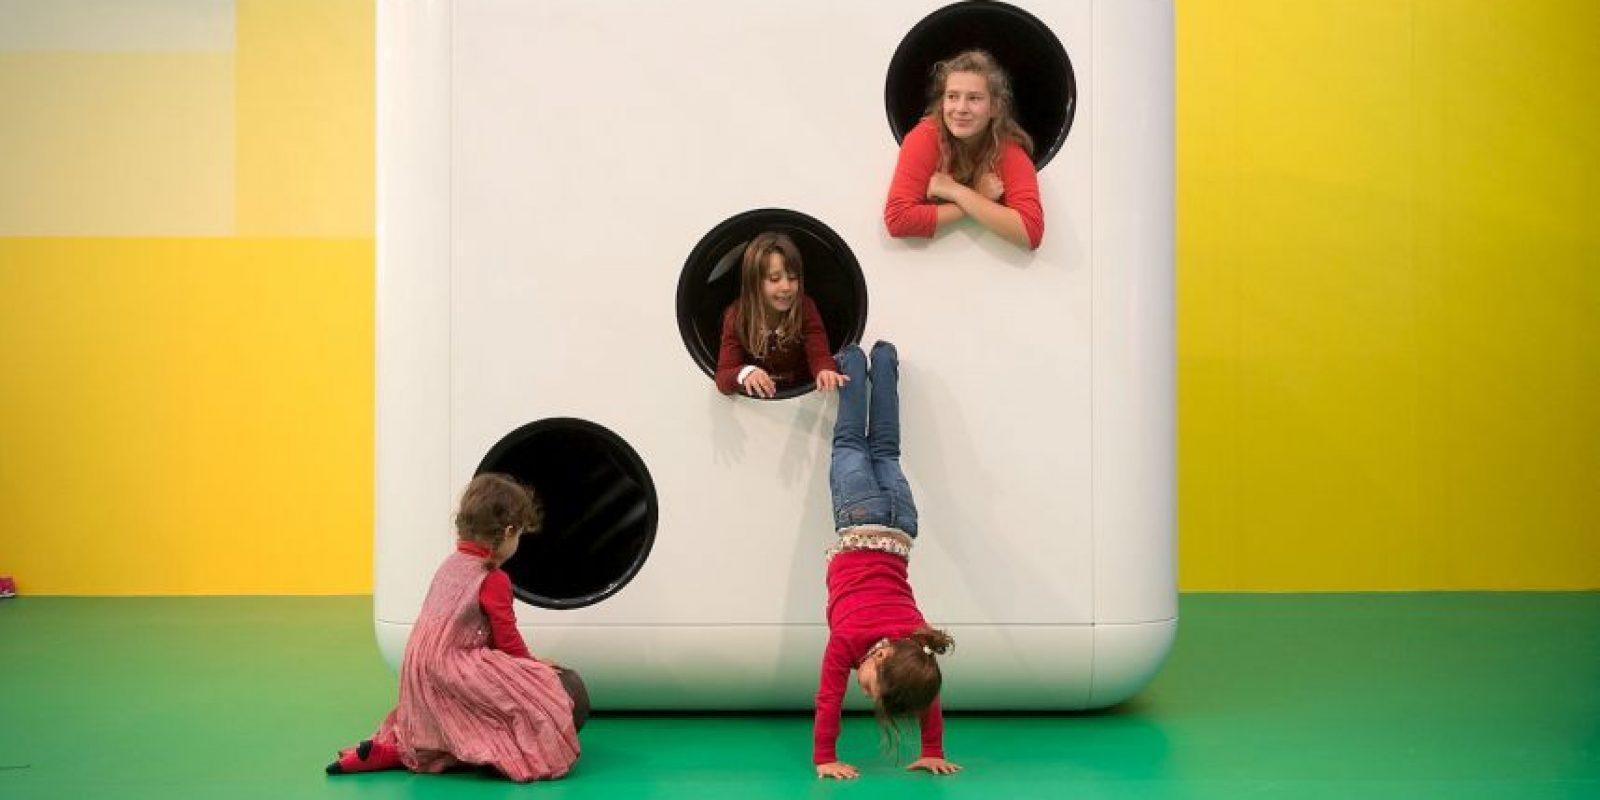 El maltrato infantil es complejo y su estudio resulta difícil Foto:Getty Images